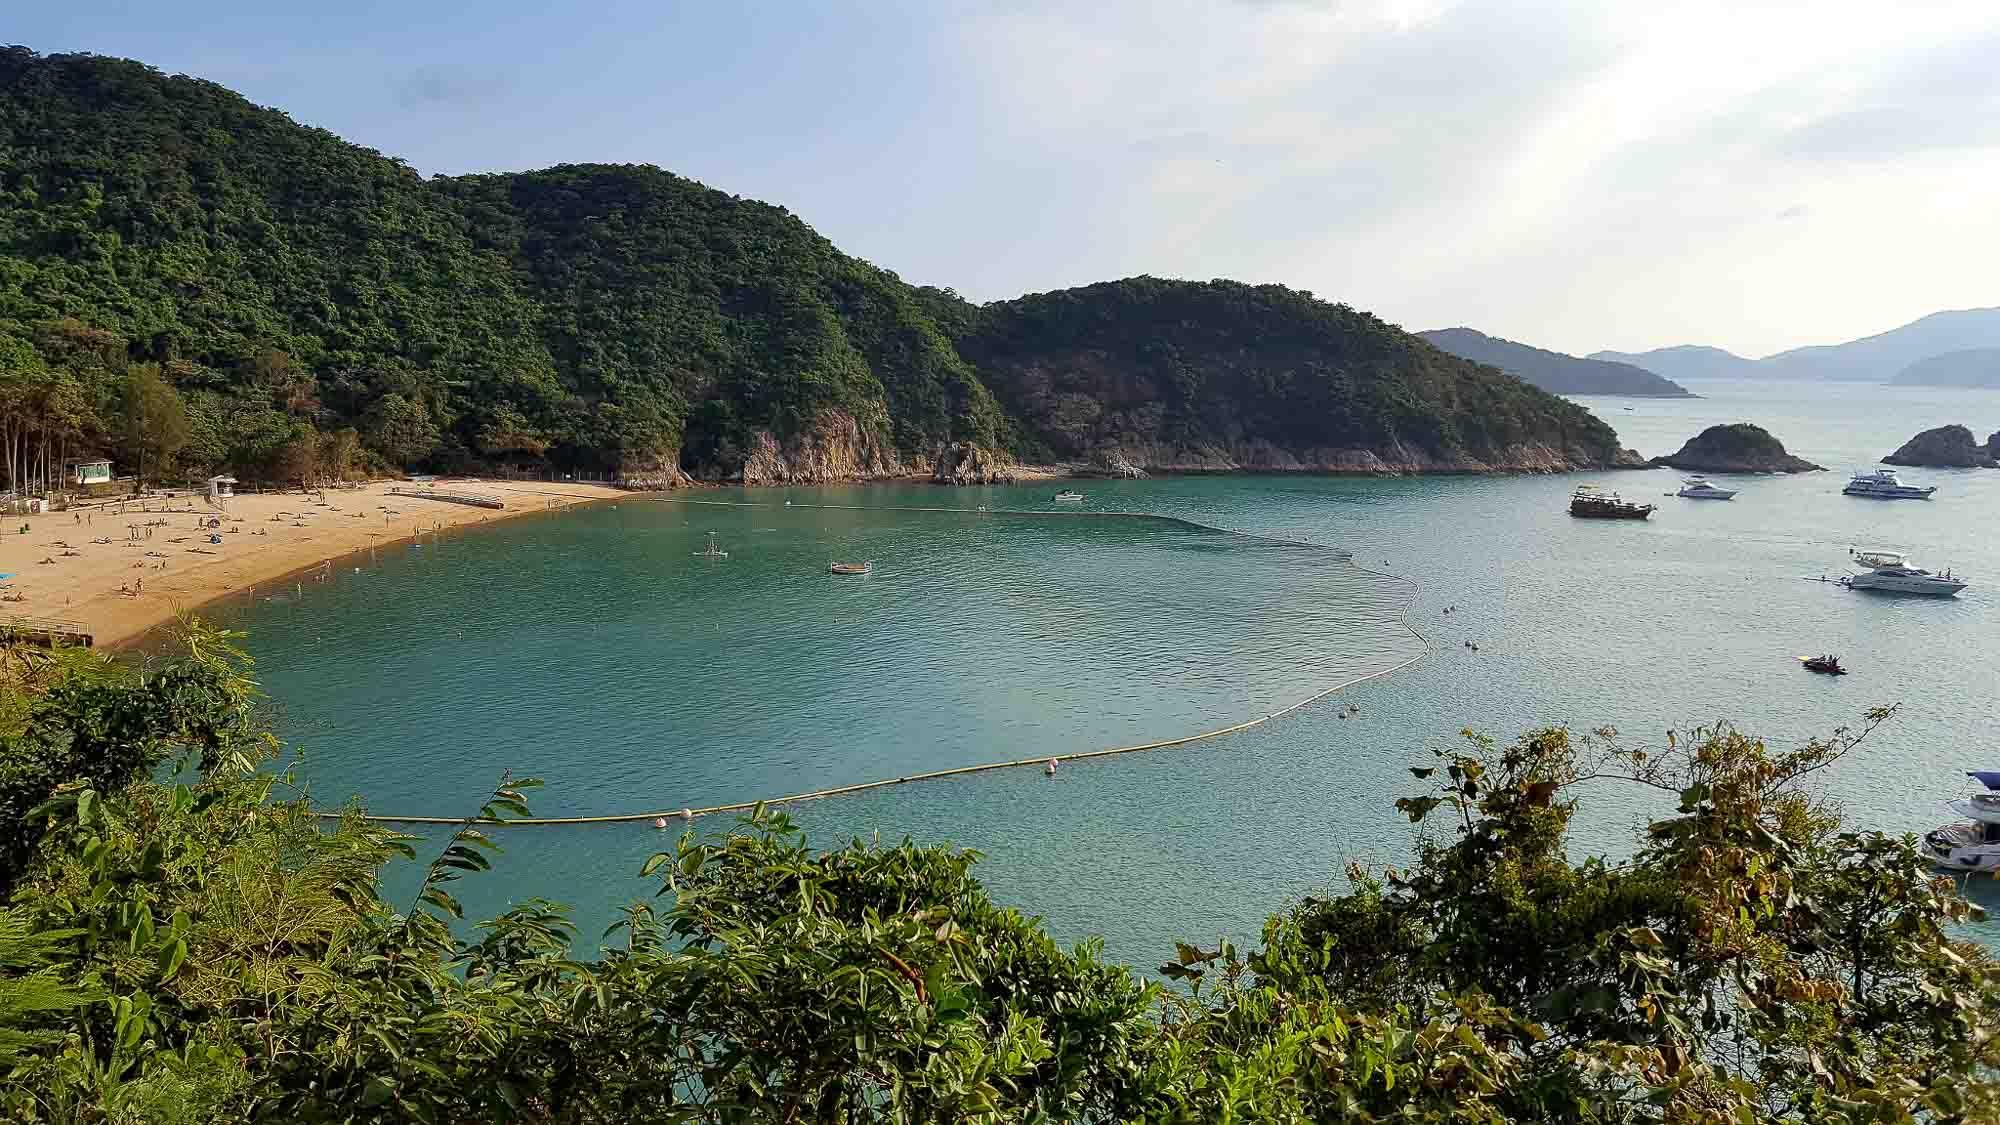 La plage de South Bay, une oasis de calme à Hong Kong © Christophe Mégueulle